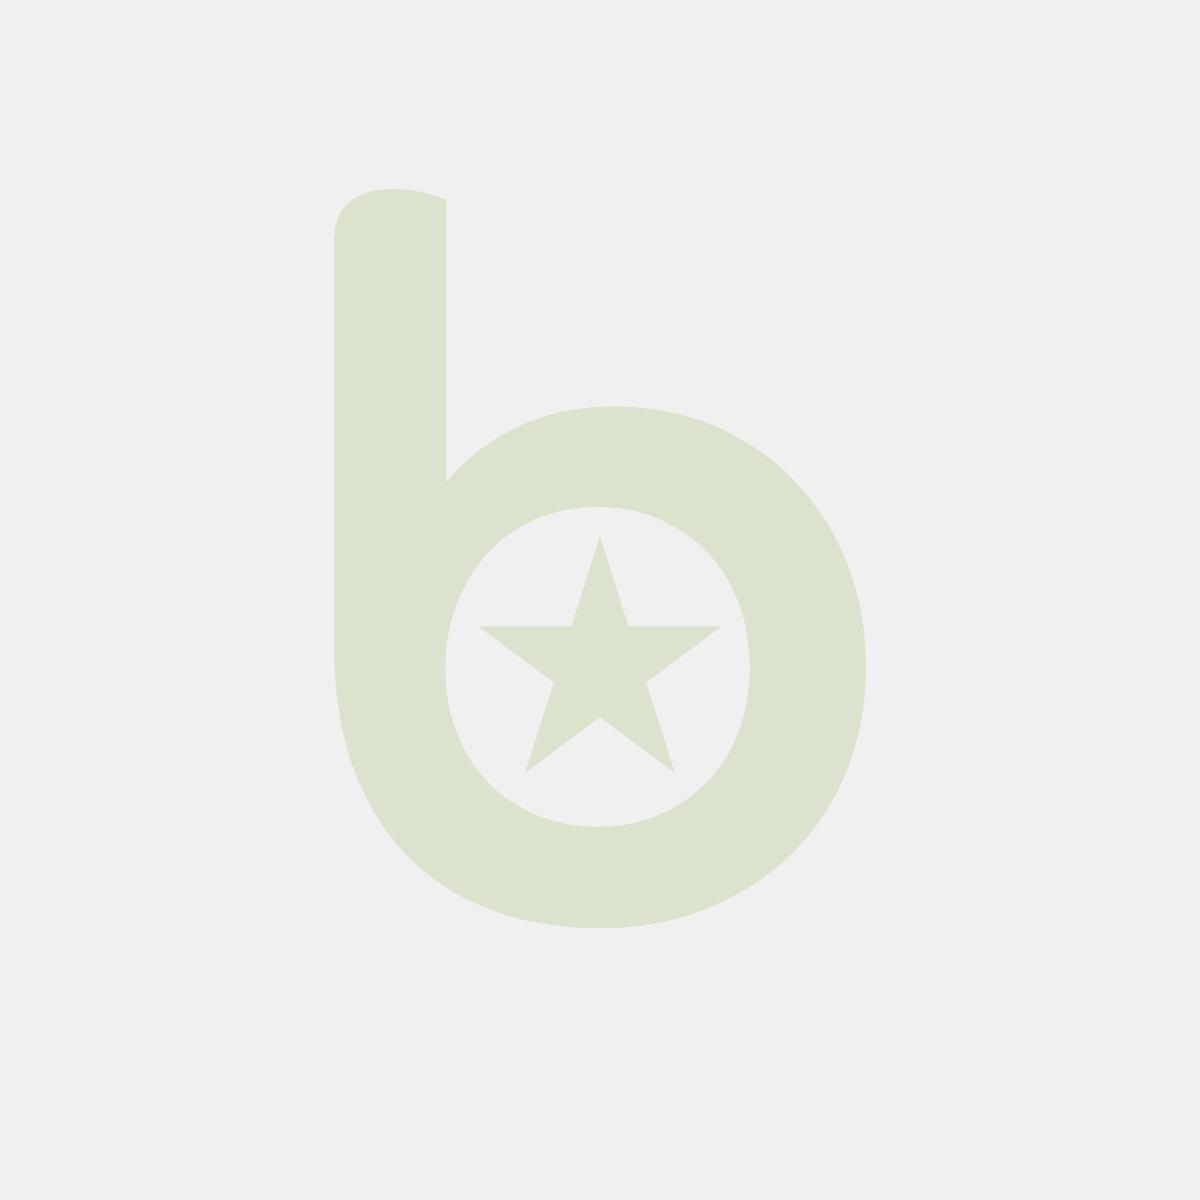 Teczka z rzepem OFFICE PRODUCTS, PP, A4/4cm, 3-skrz., zielona